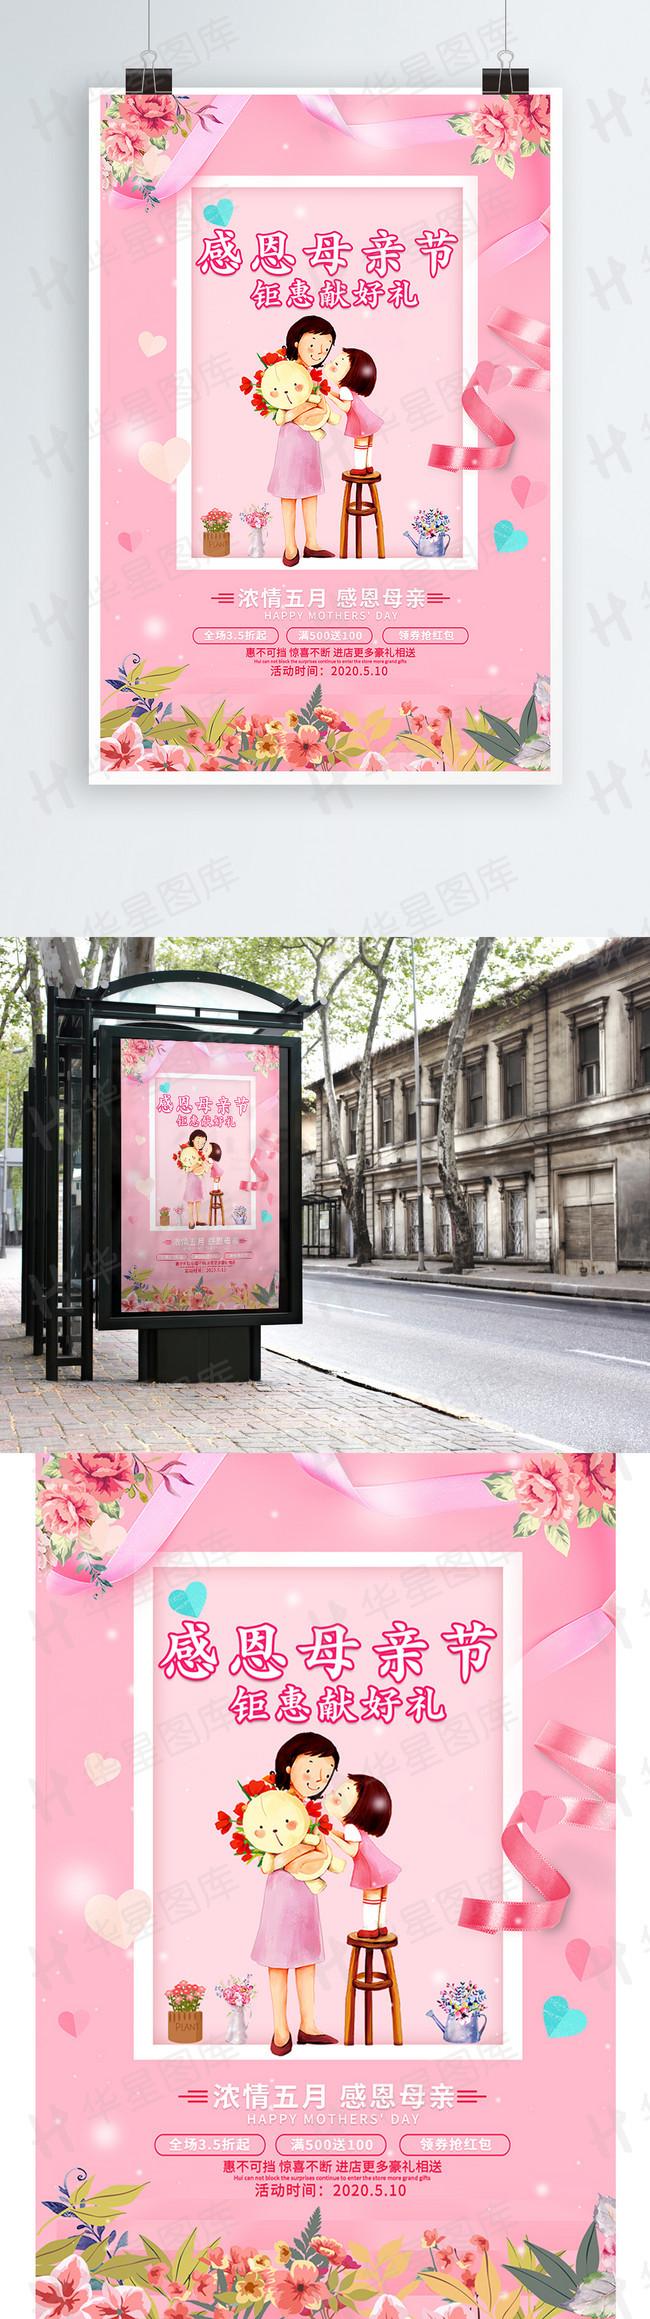 感恩母亲节粉色温馨活动促销海报